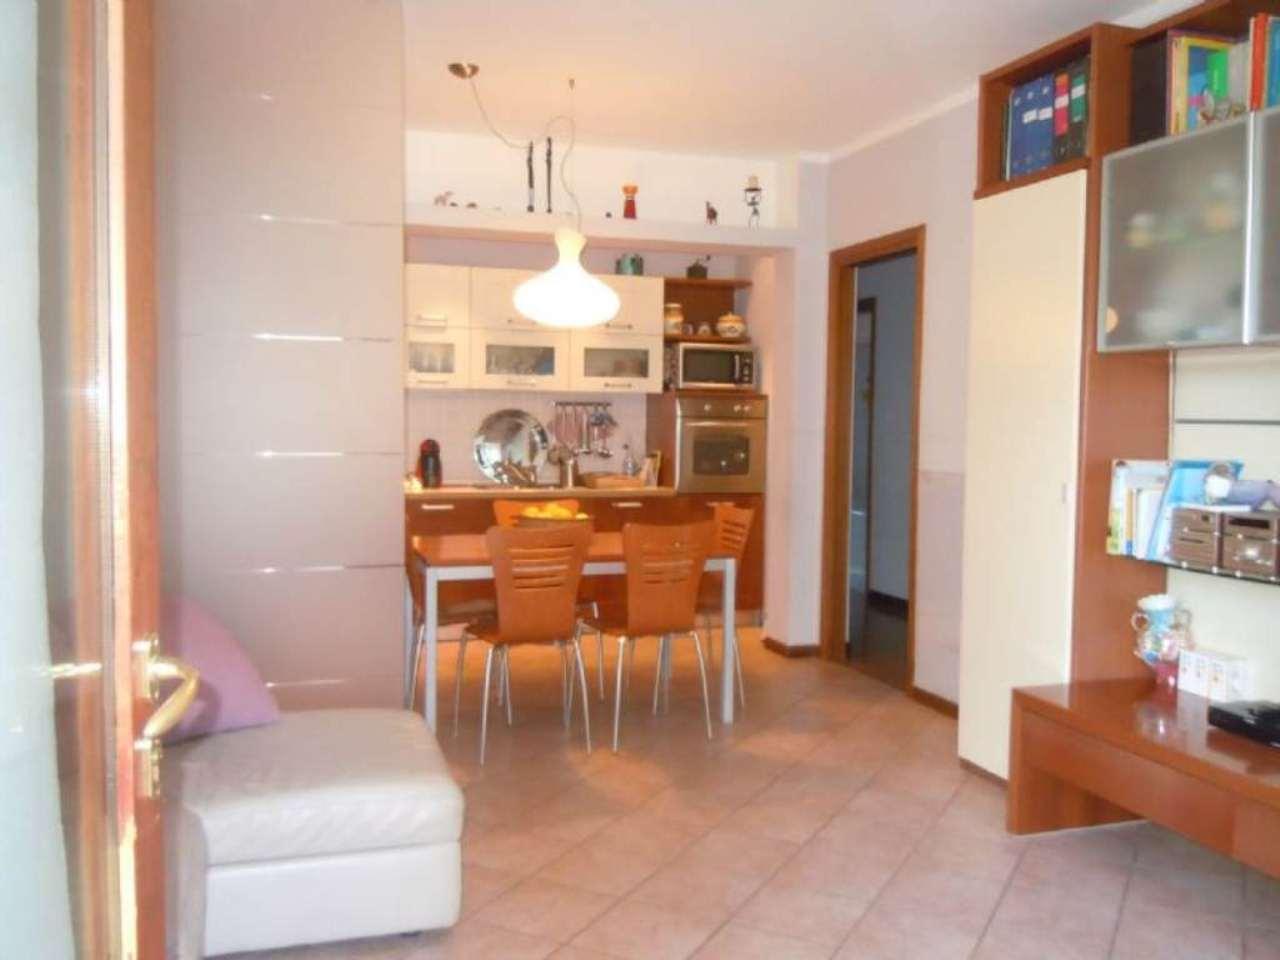 Appartamento in vendita a Resana, 3 locali, prezzo € 95.000 | Cambio Casa.it